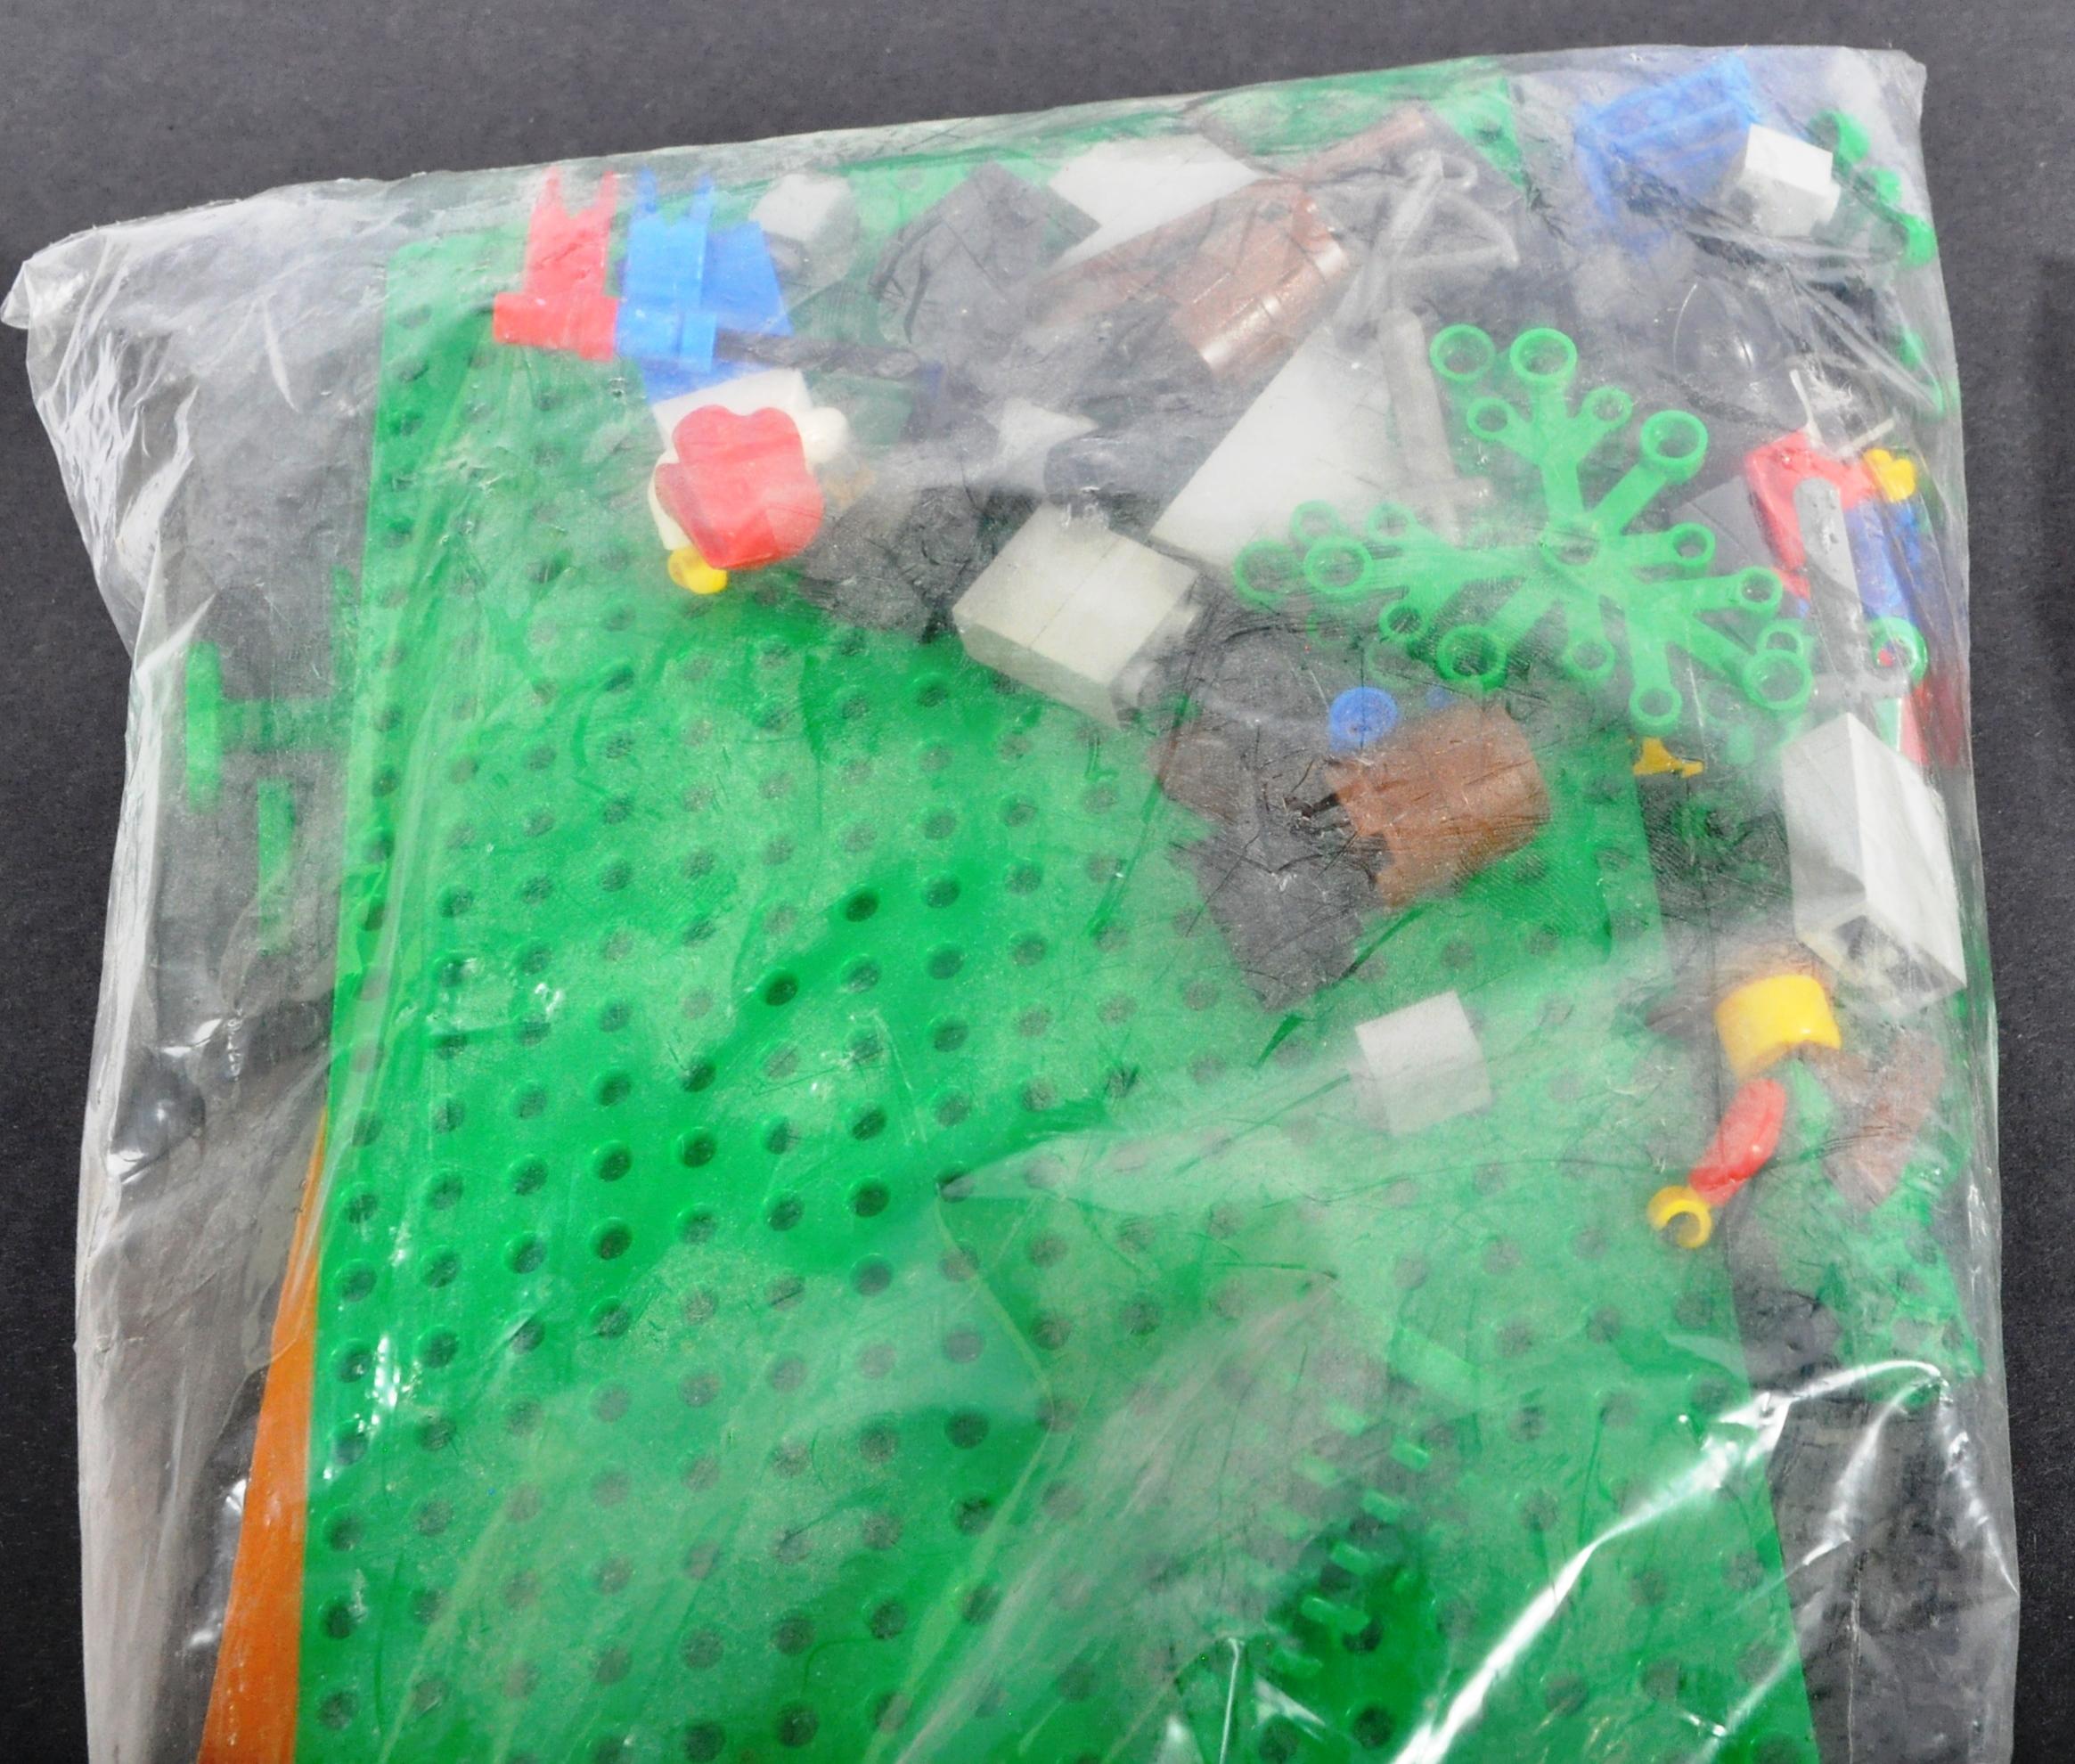 LEGO SETS - LEGO LAND - 6054 / 6245 / 6257 - Image 2 of 4